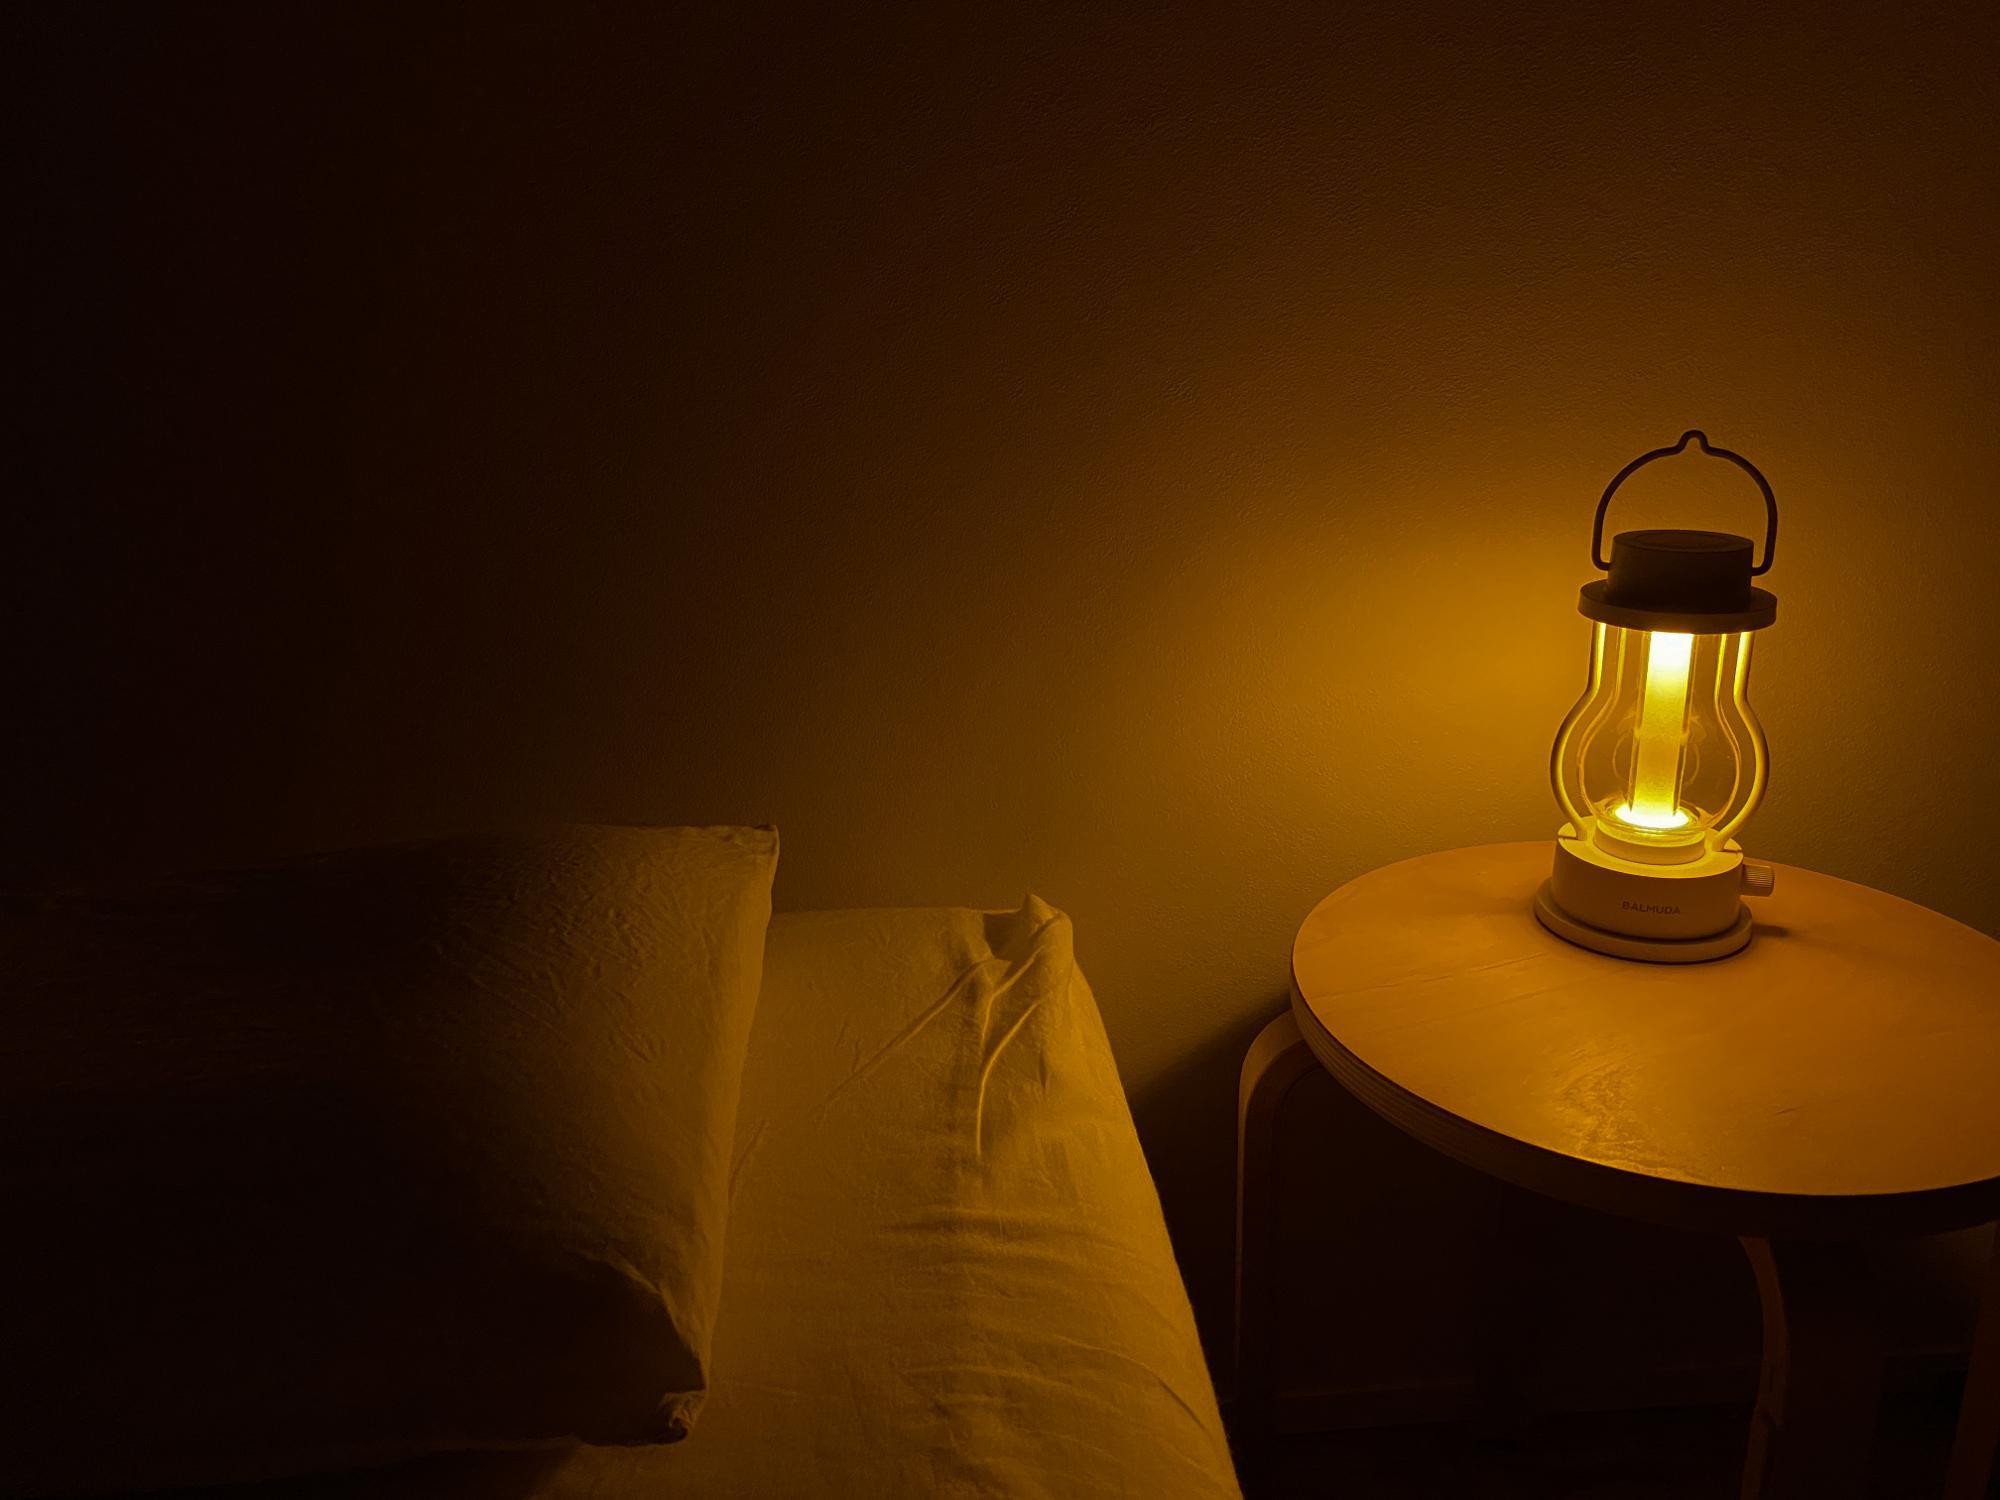 調光できるランタンをベッドサイドに置いています。